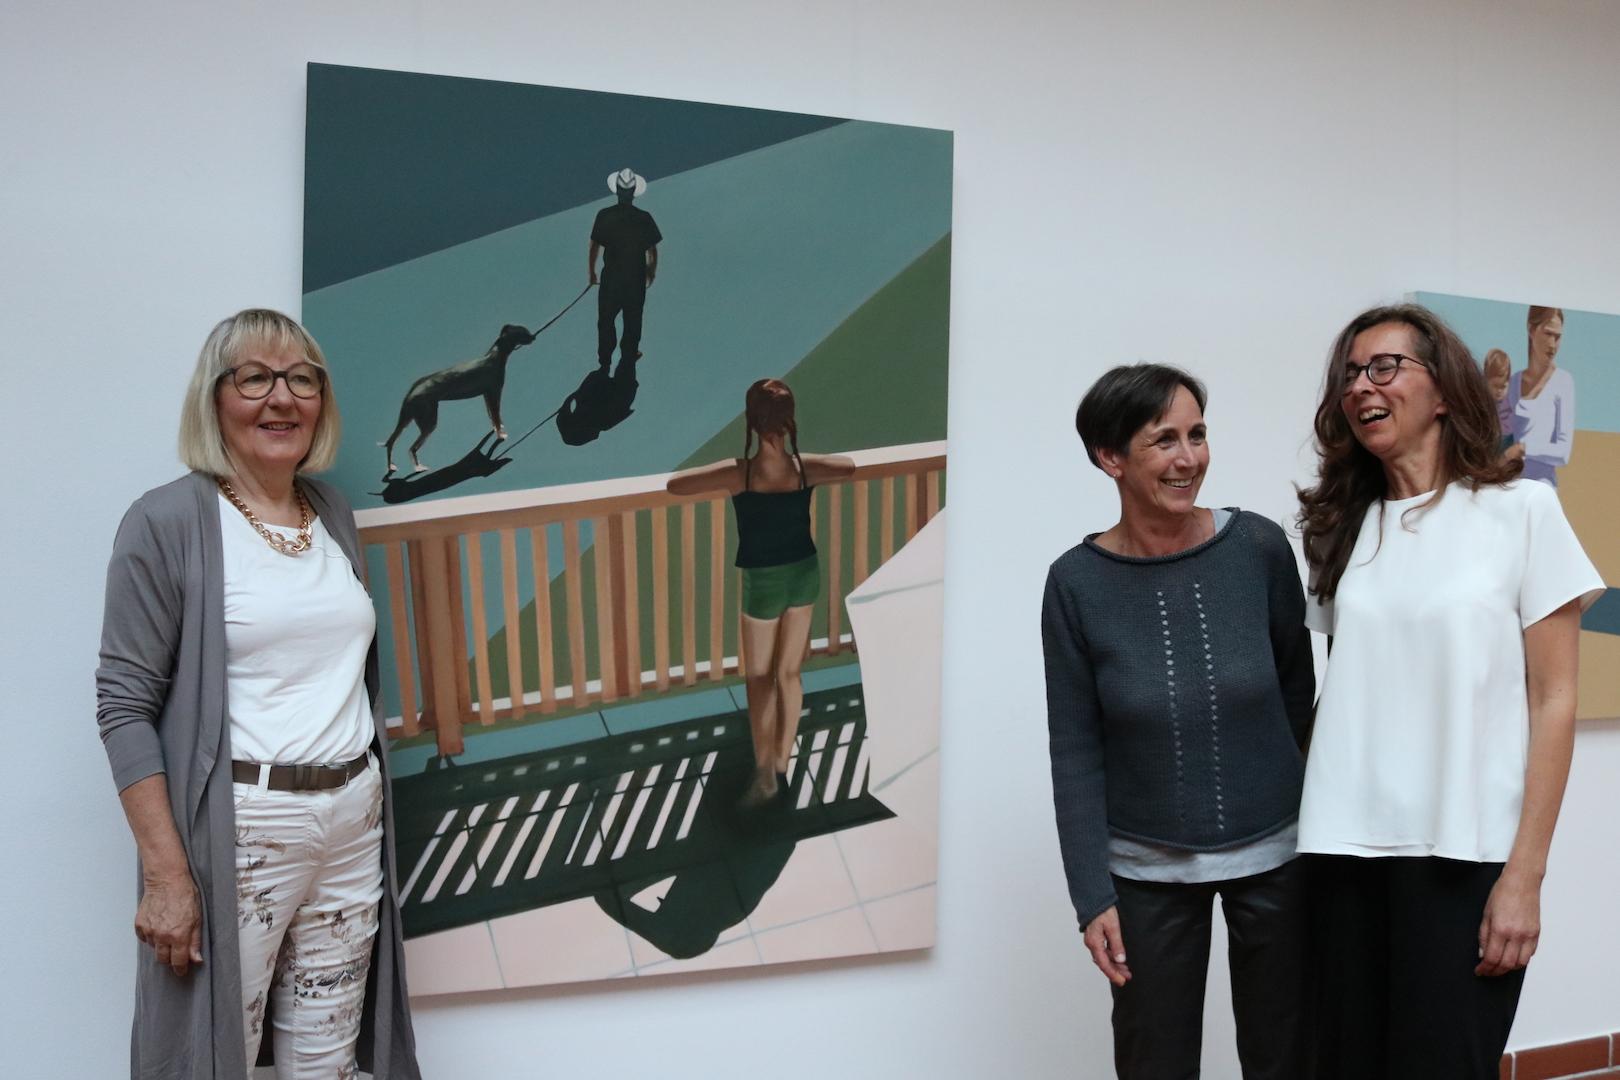 Ruth Bussmann / Fotos der Vernissage